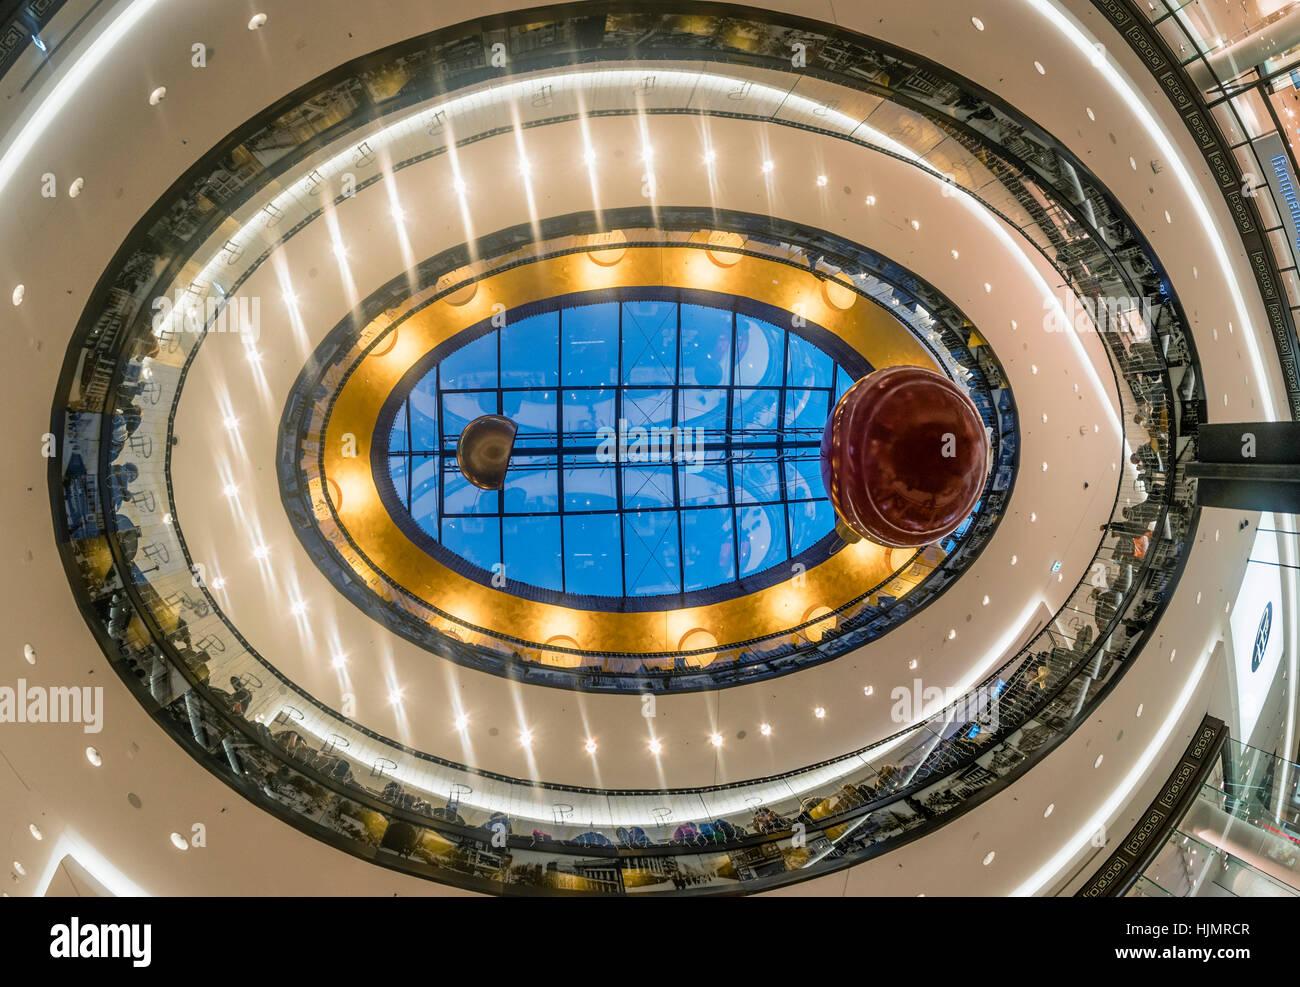 Il centro commerciale di Berlino, soffitto, atrio, architettura moderna, Interieur, Shopping, Berlino Immagini Stock